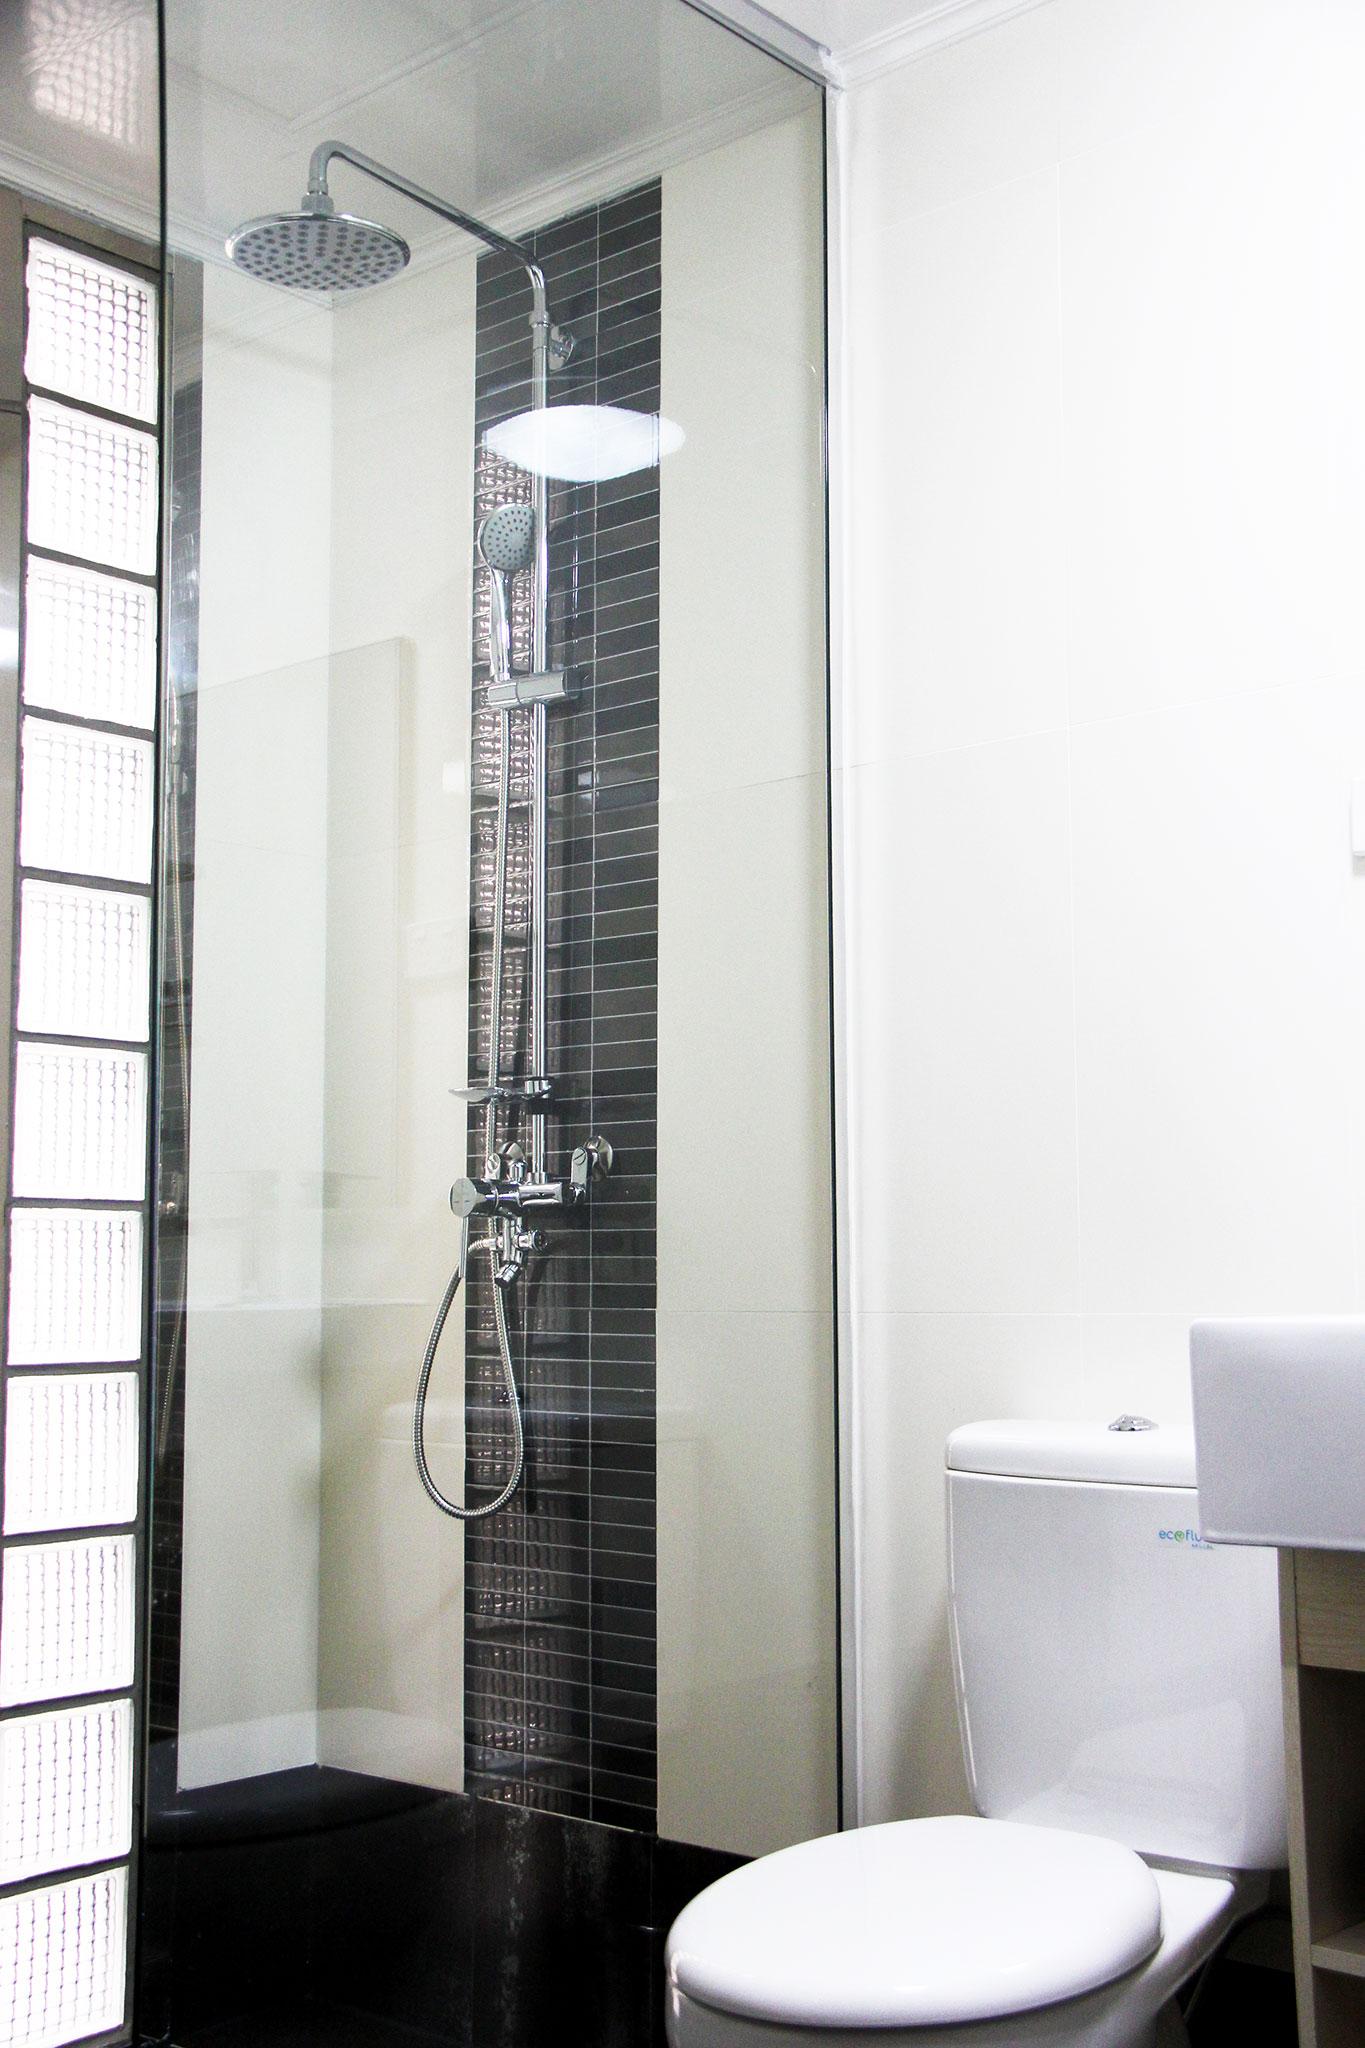 Room Shower Toilet